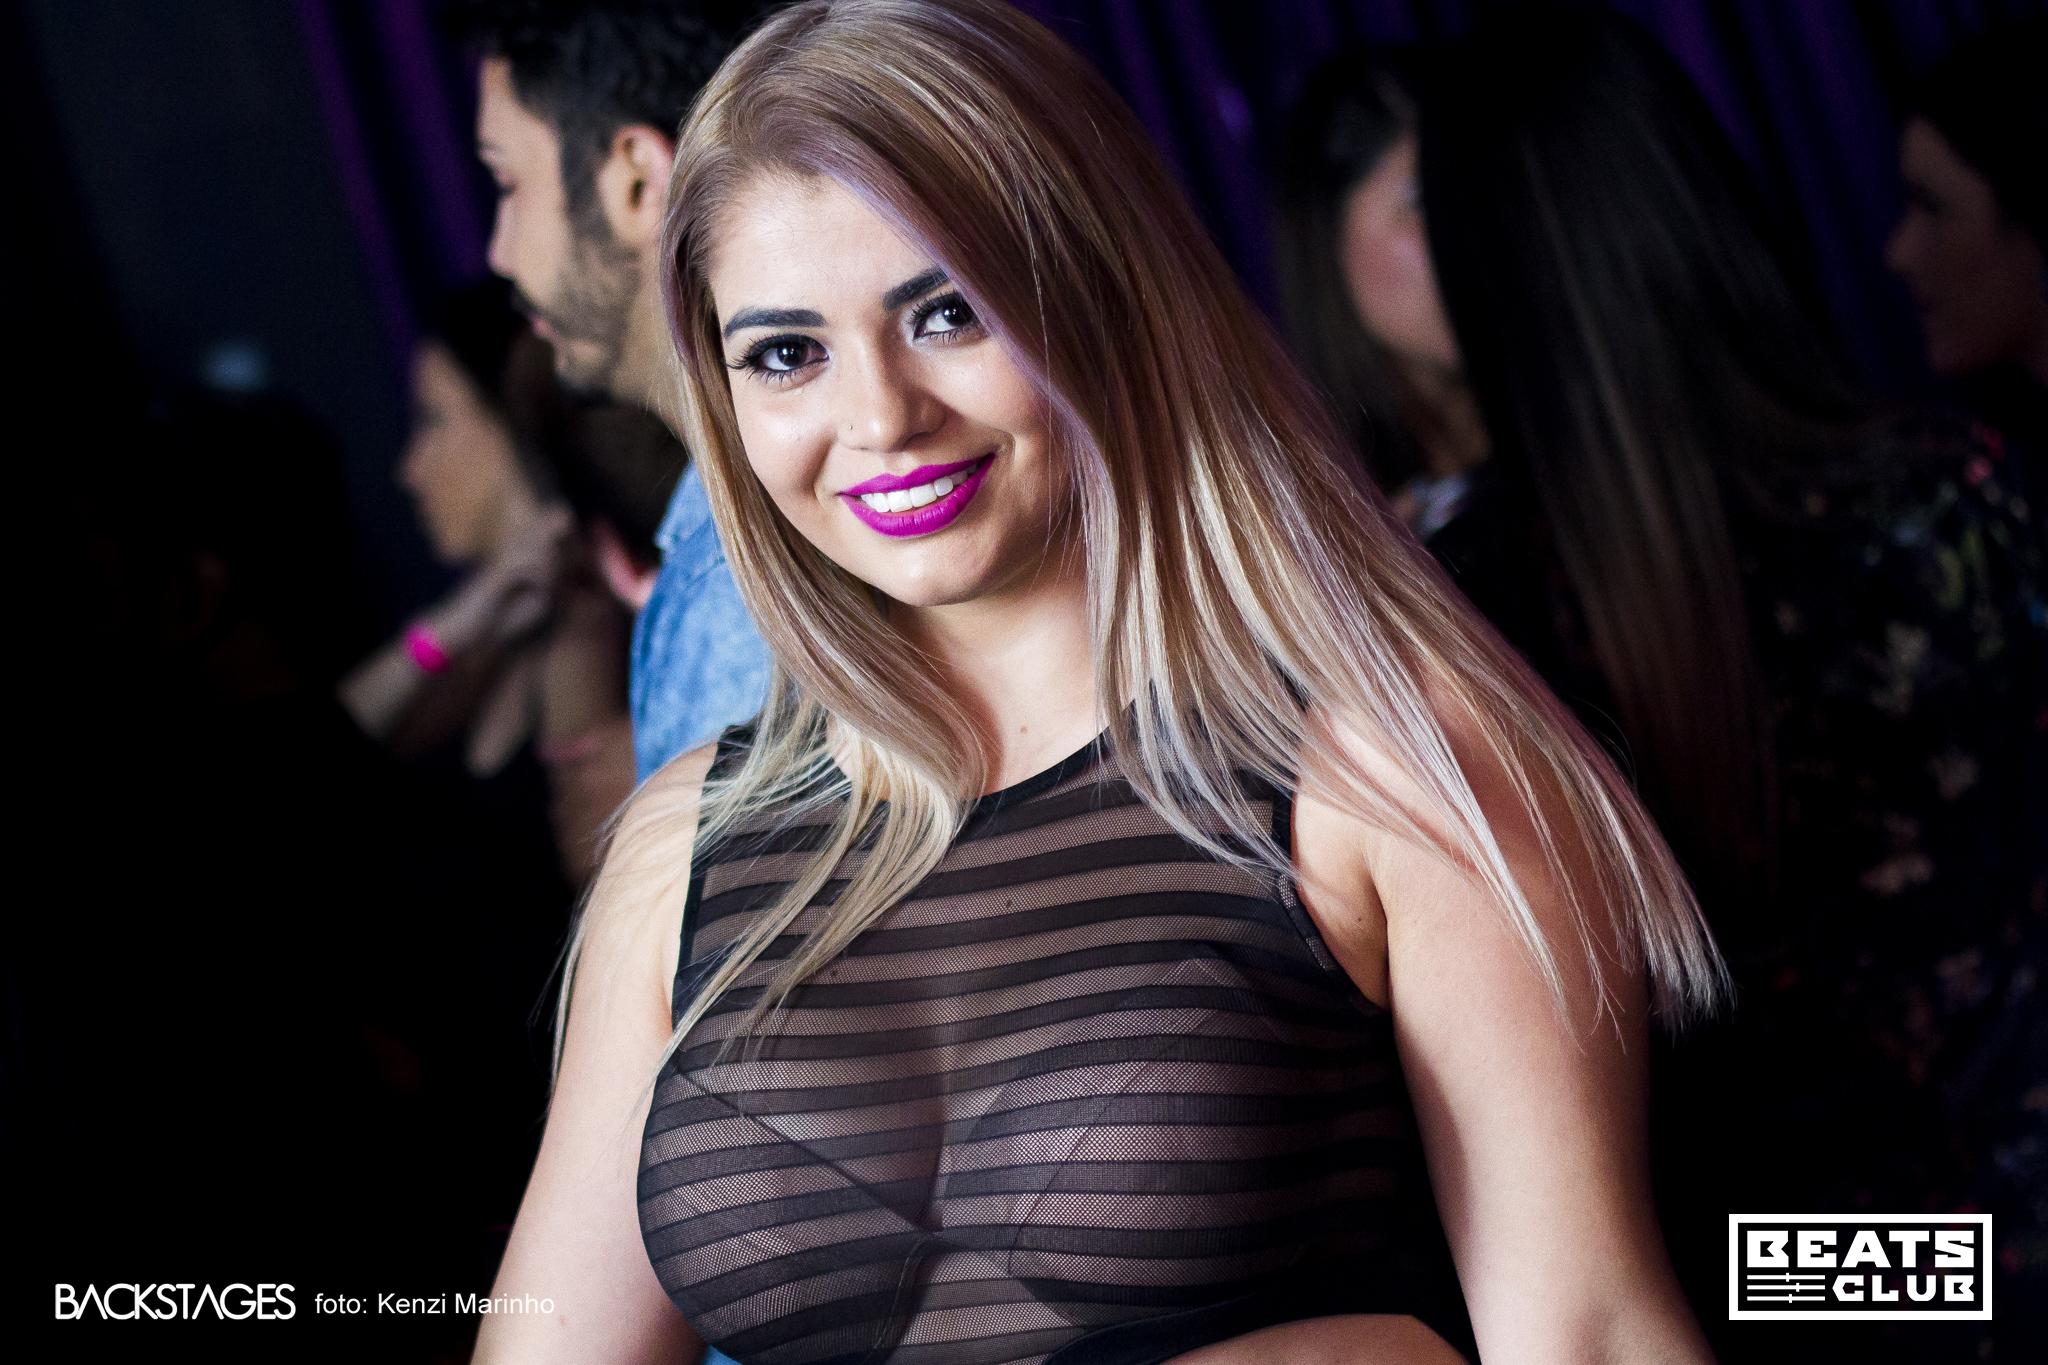 Beats Club - Inauguração 06.05.2017 - Kenzi Marinho (7)